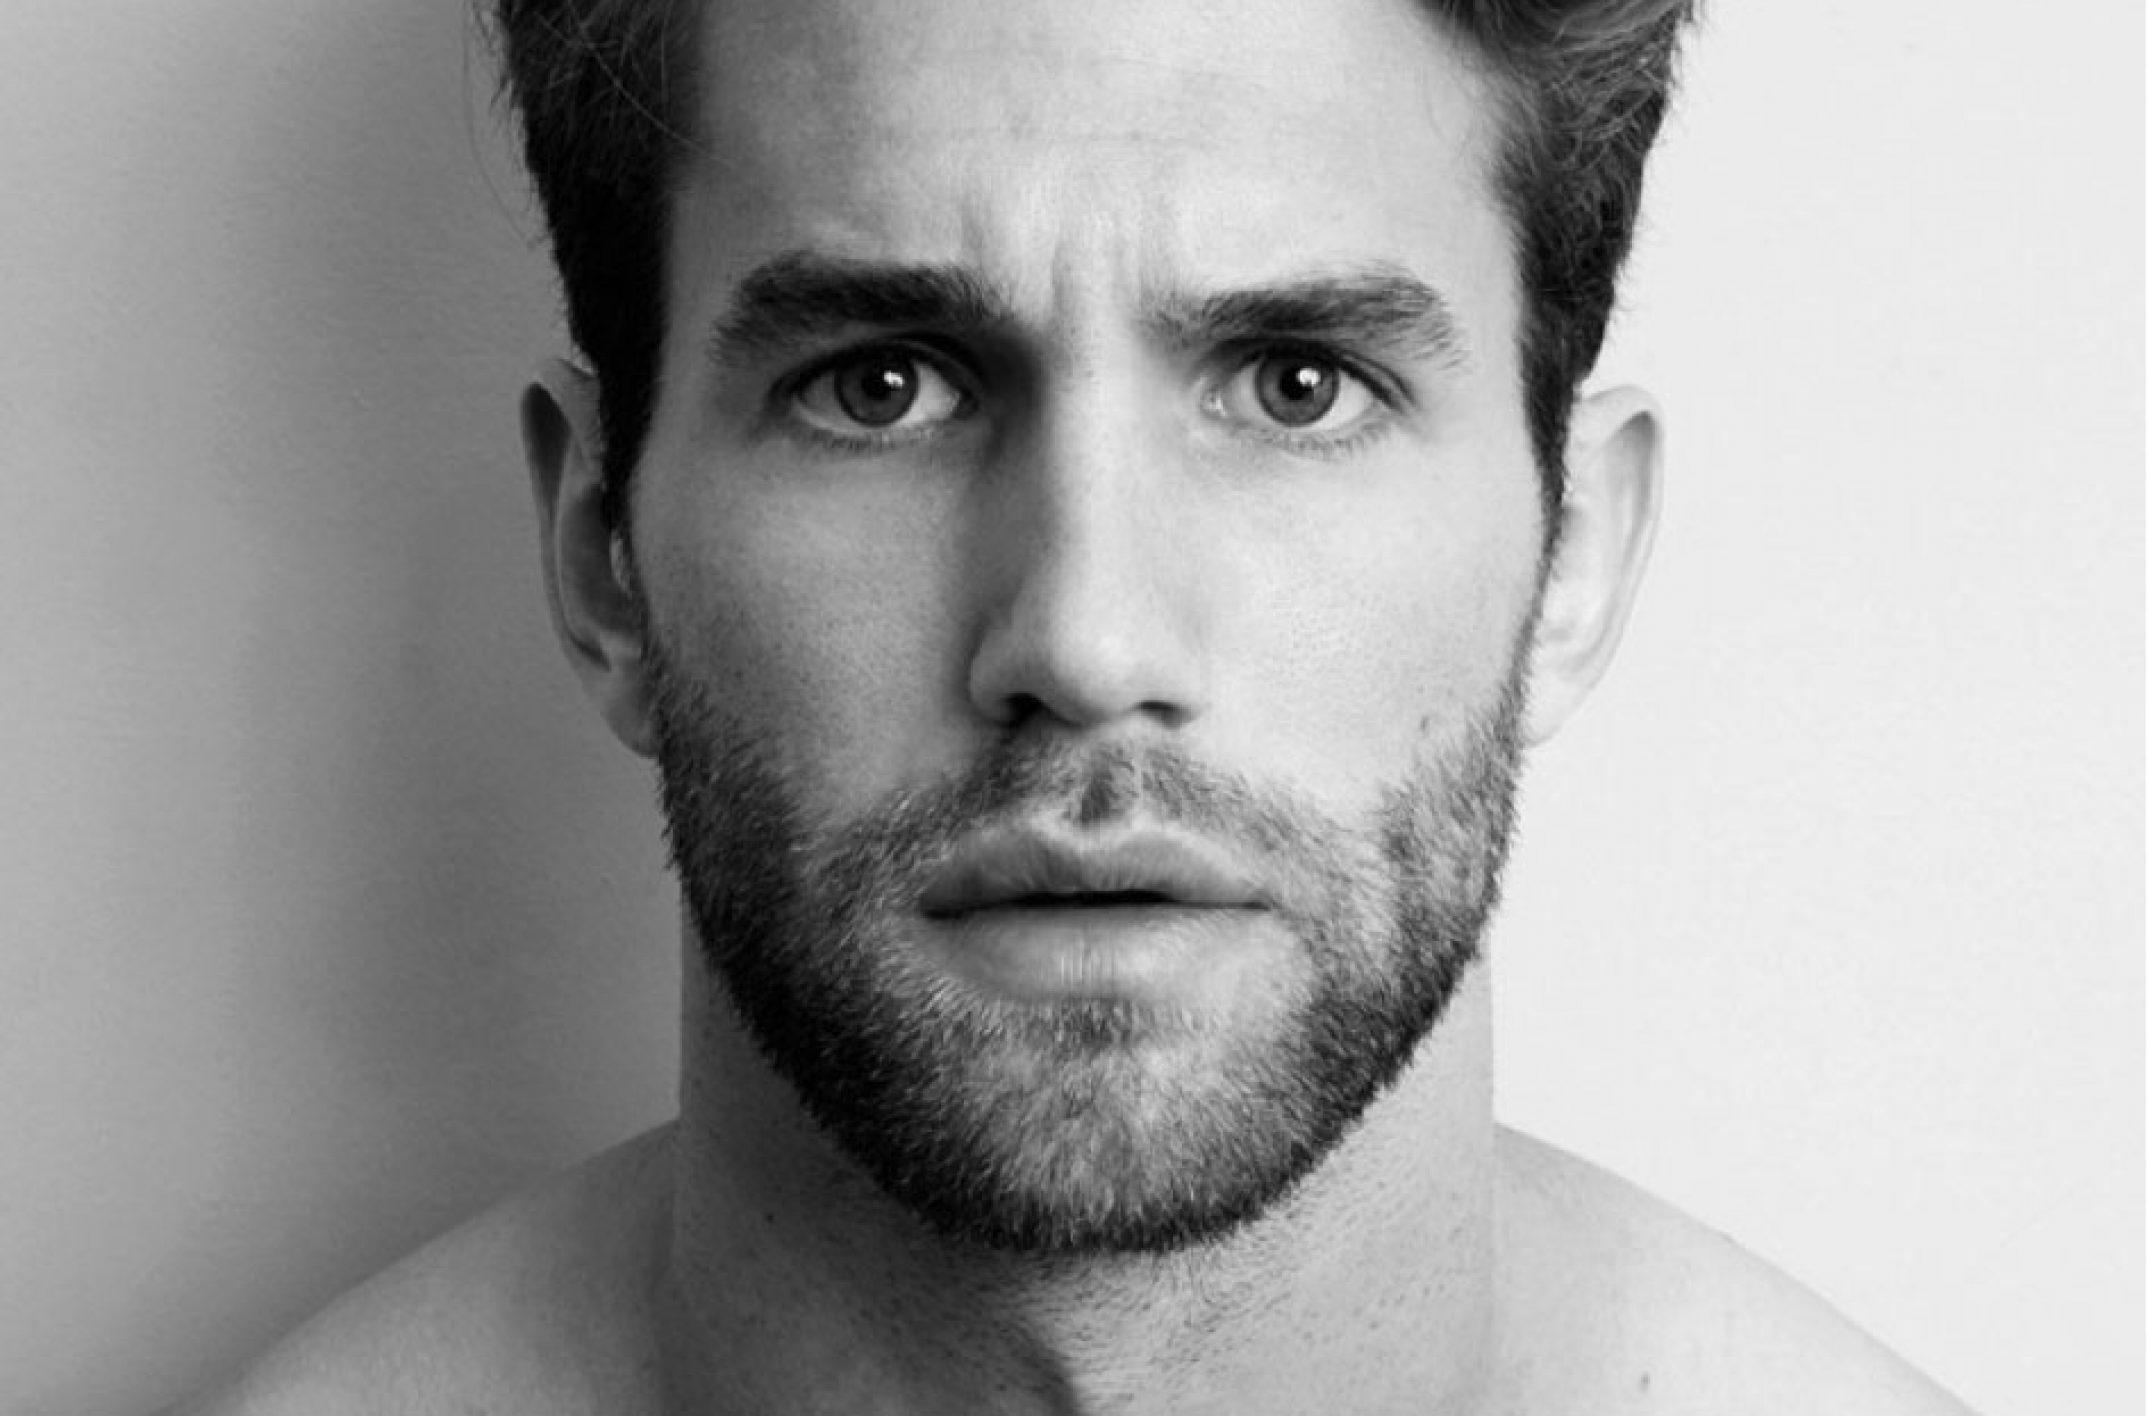 Entretien barbe courte, les conseils pour en prendre soin